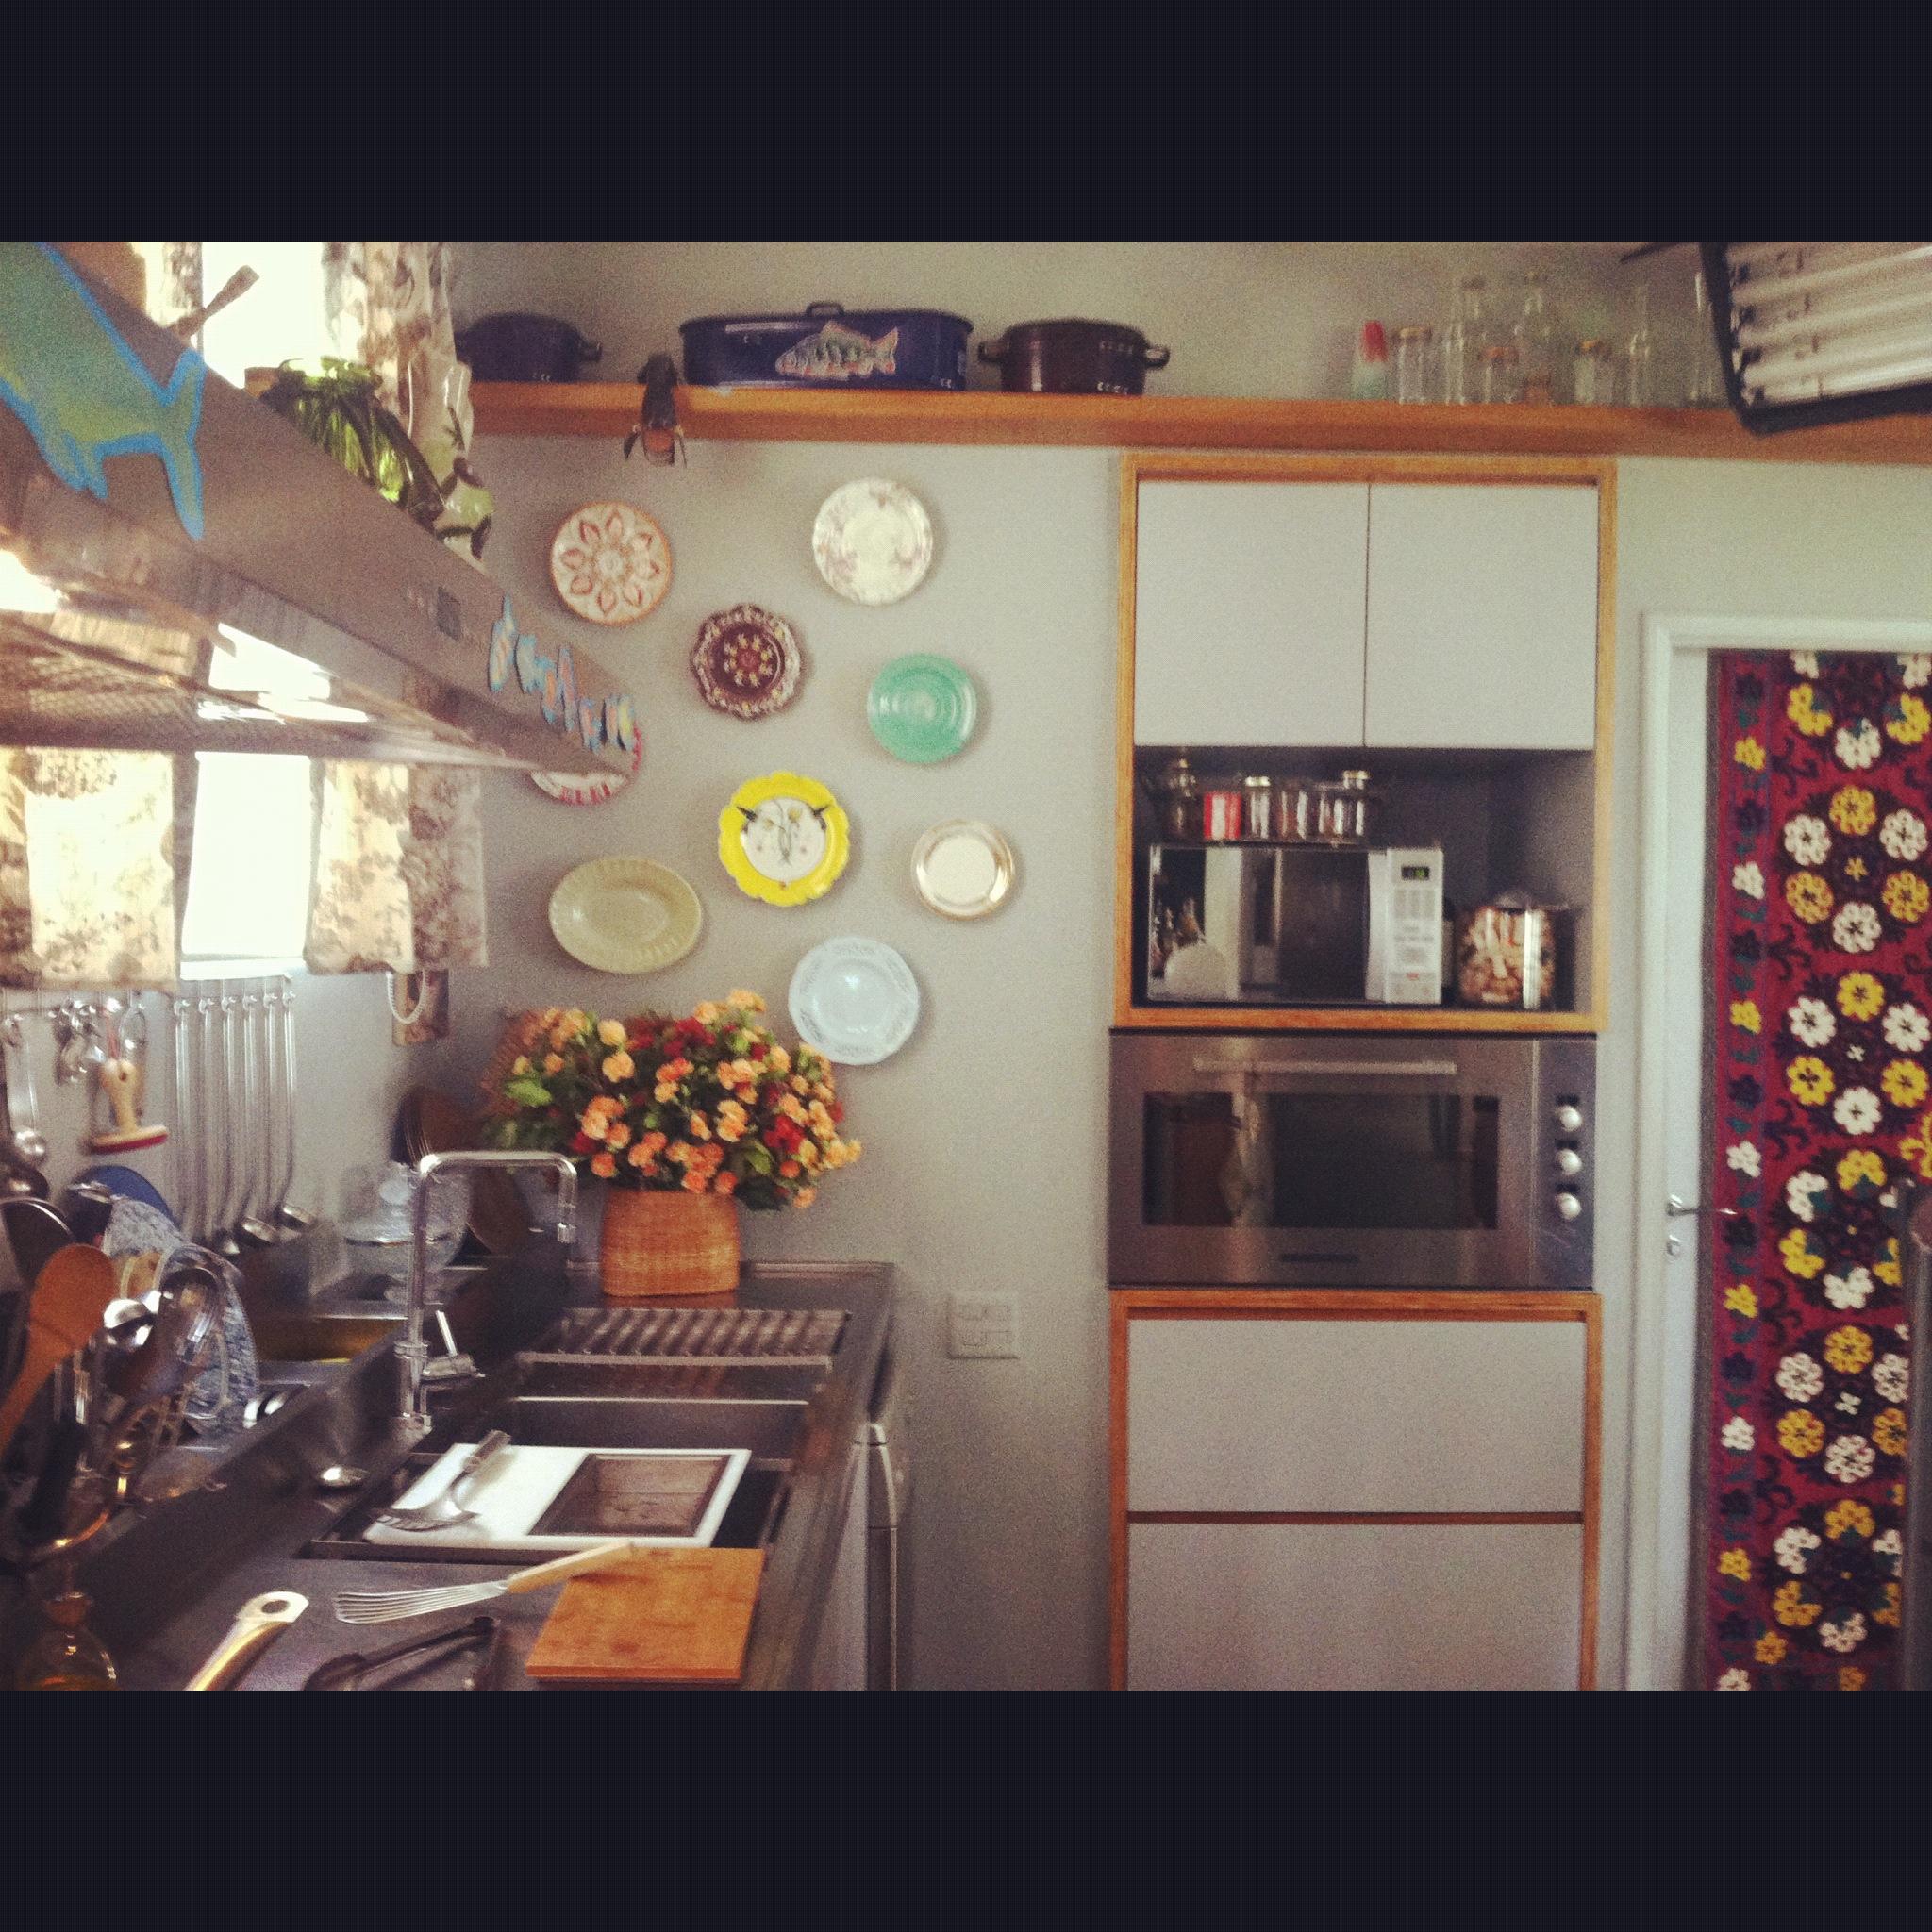 #976534 decoracao cozinha rita lobo:Cozinha Prática com Rita Lobo. Primeira  2048x2048 px Projeto Cozinha Rita Lobo #2687 imagens